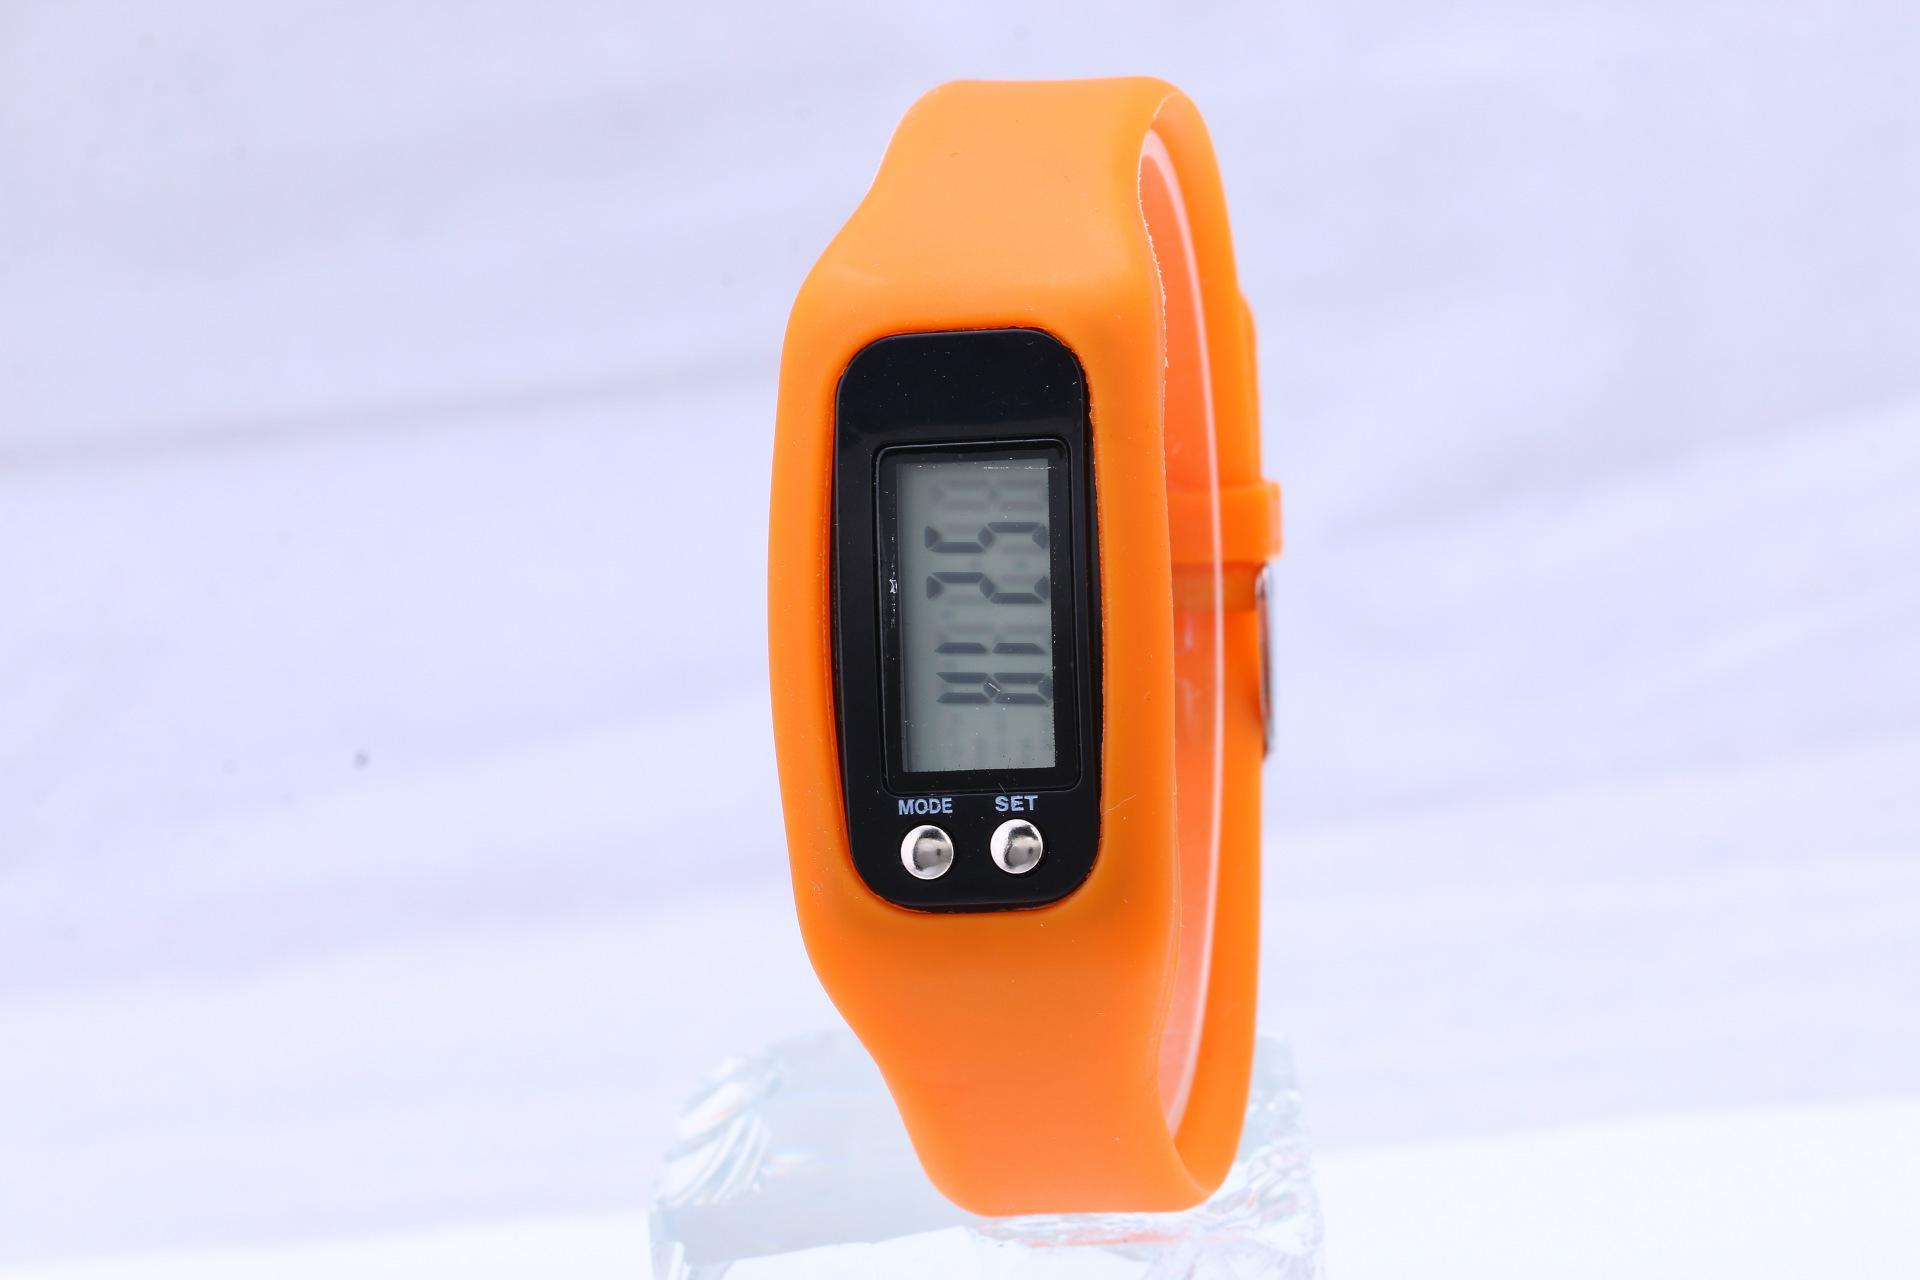 100 unids / lote Mix moda Digital LCD podómetro Paso de paso Distancia de calorías Contador de reloj pulsera LED Podómetro Relojes LT021